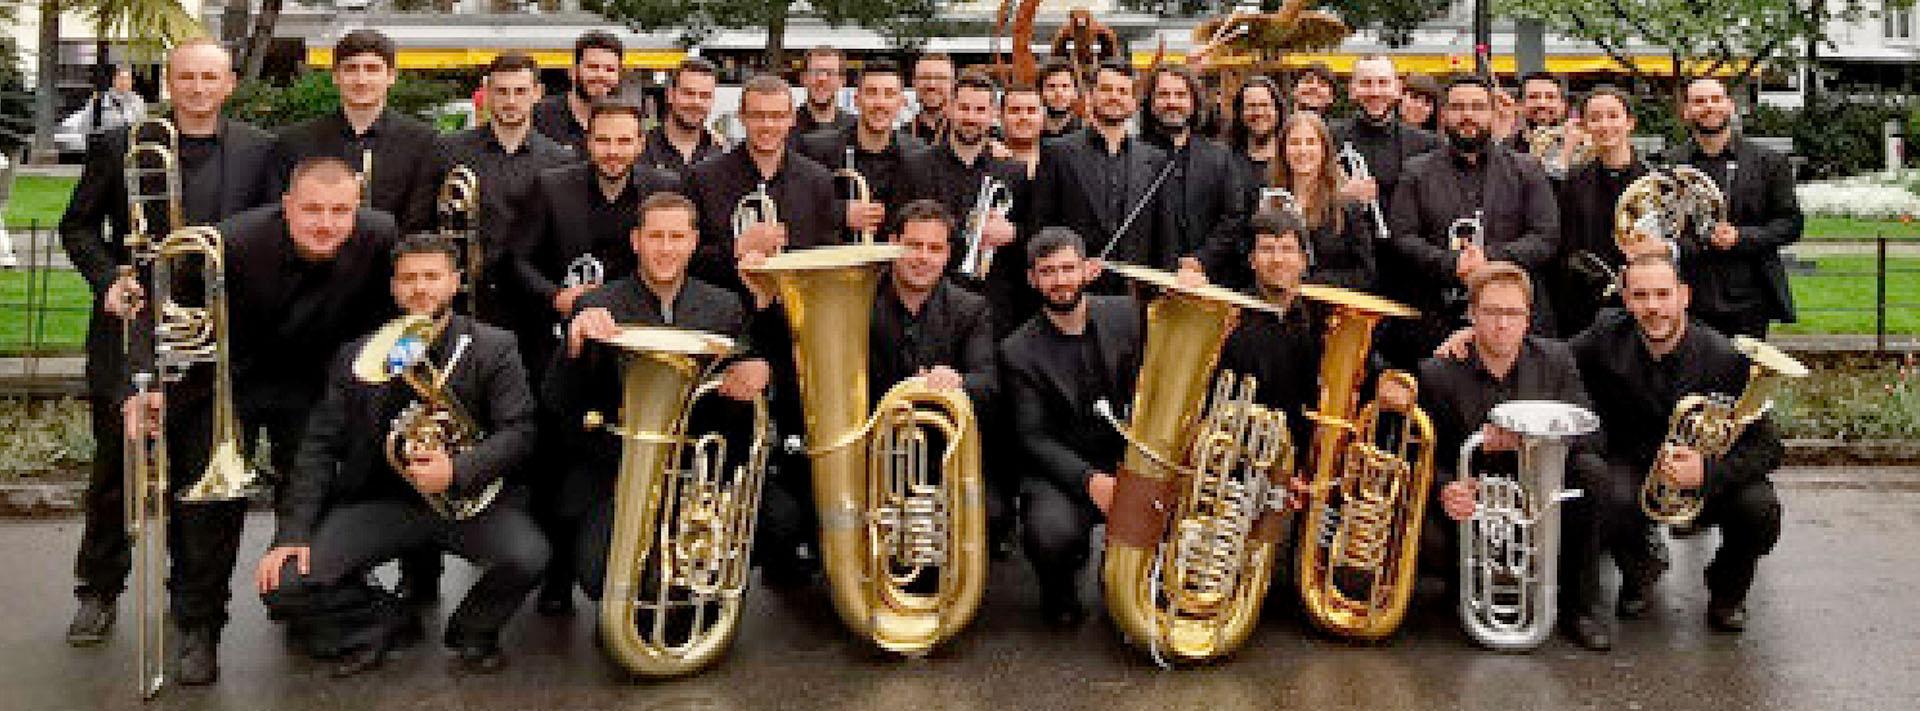 Concierto de Navidad de la orquesta de cámara